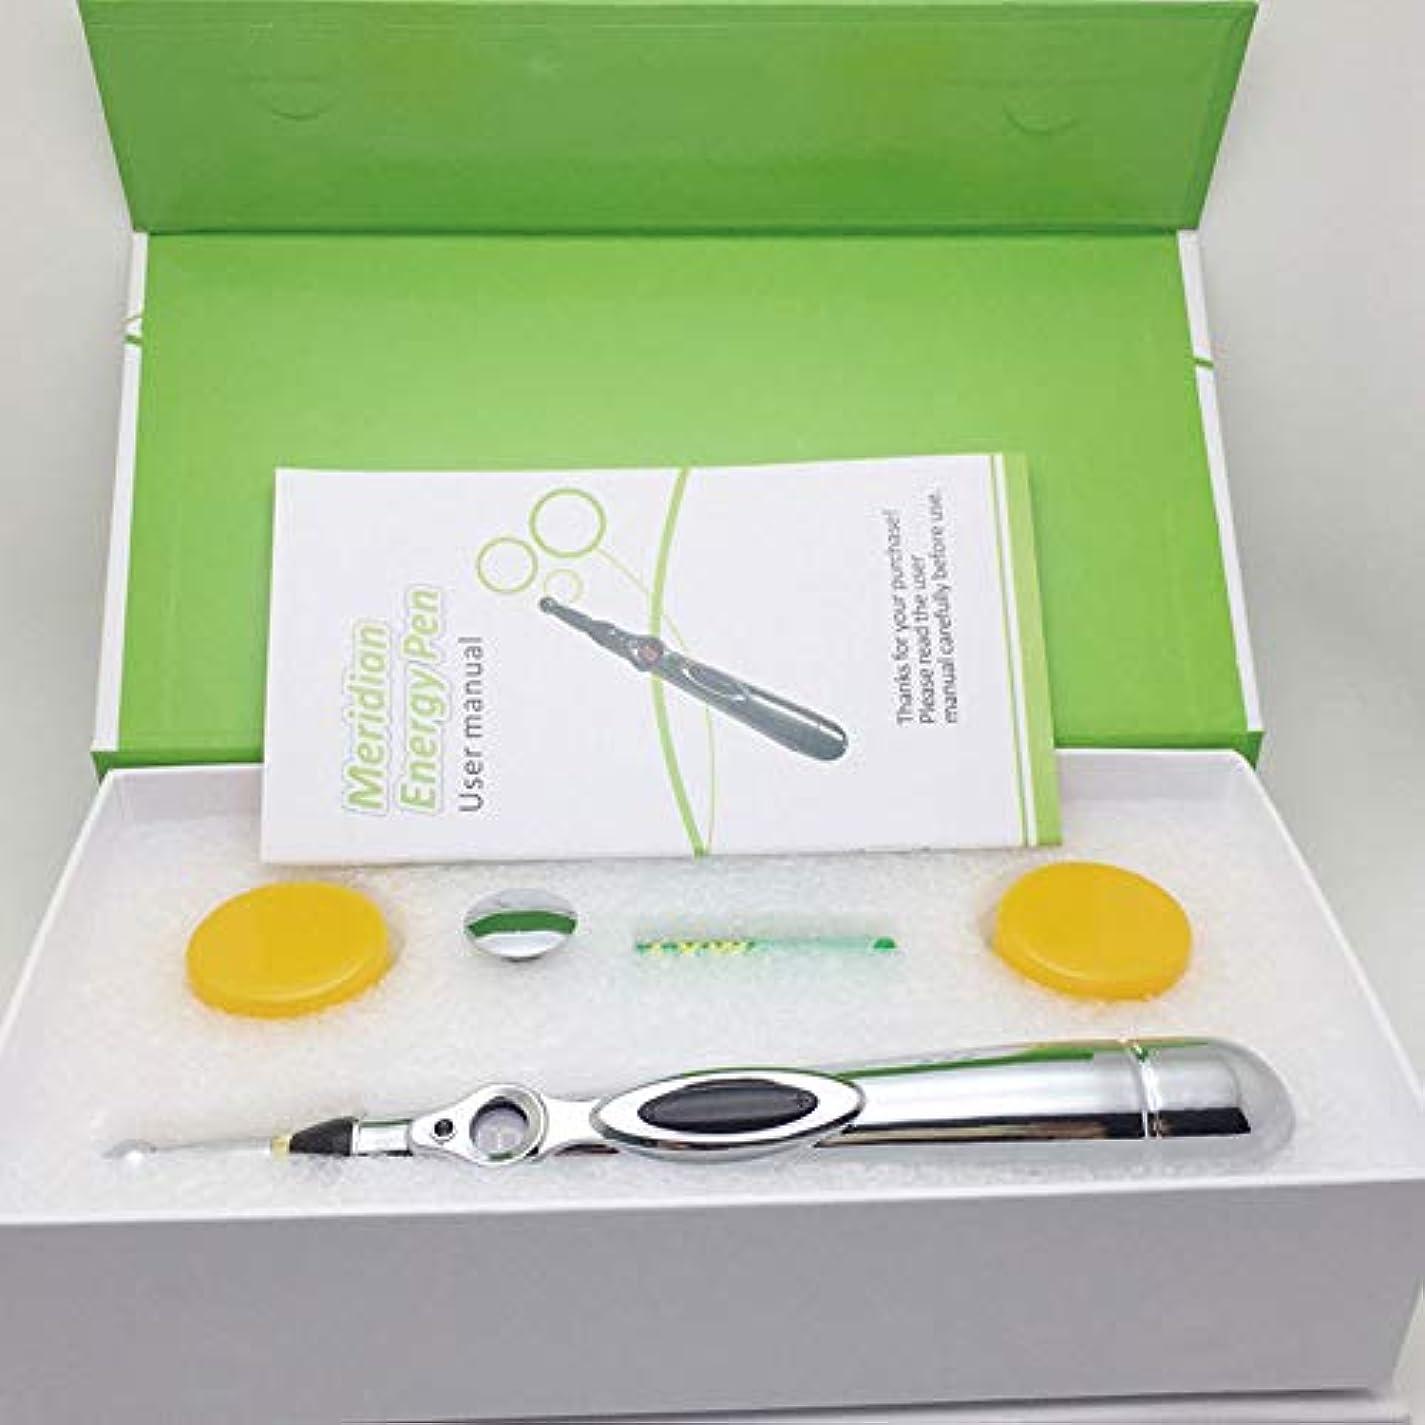 循環エネルギーメリディアンペンマジックメリディアンマッサージペンメリディアンツボペン中年用品